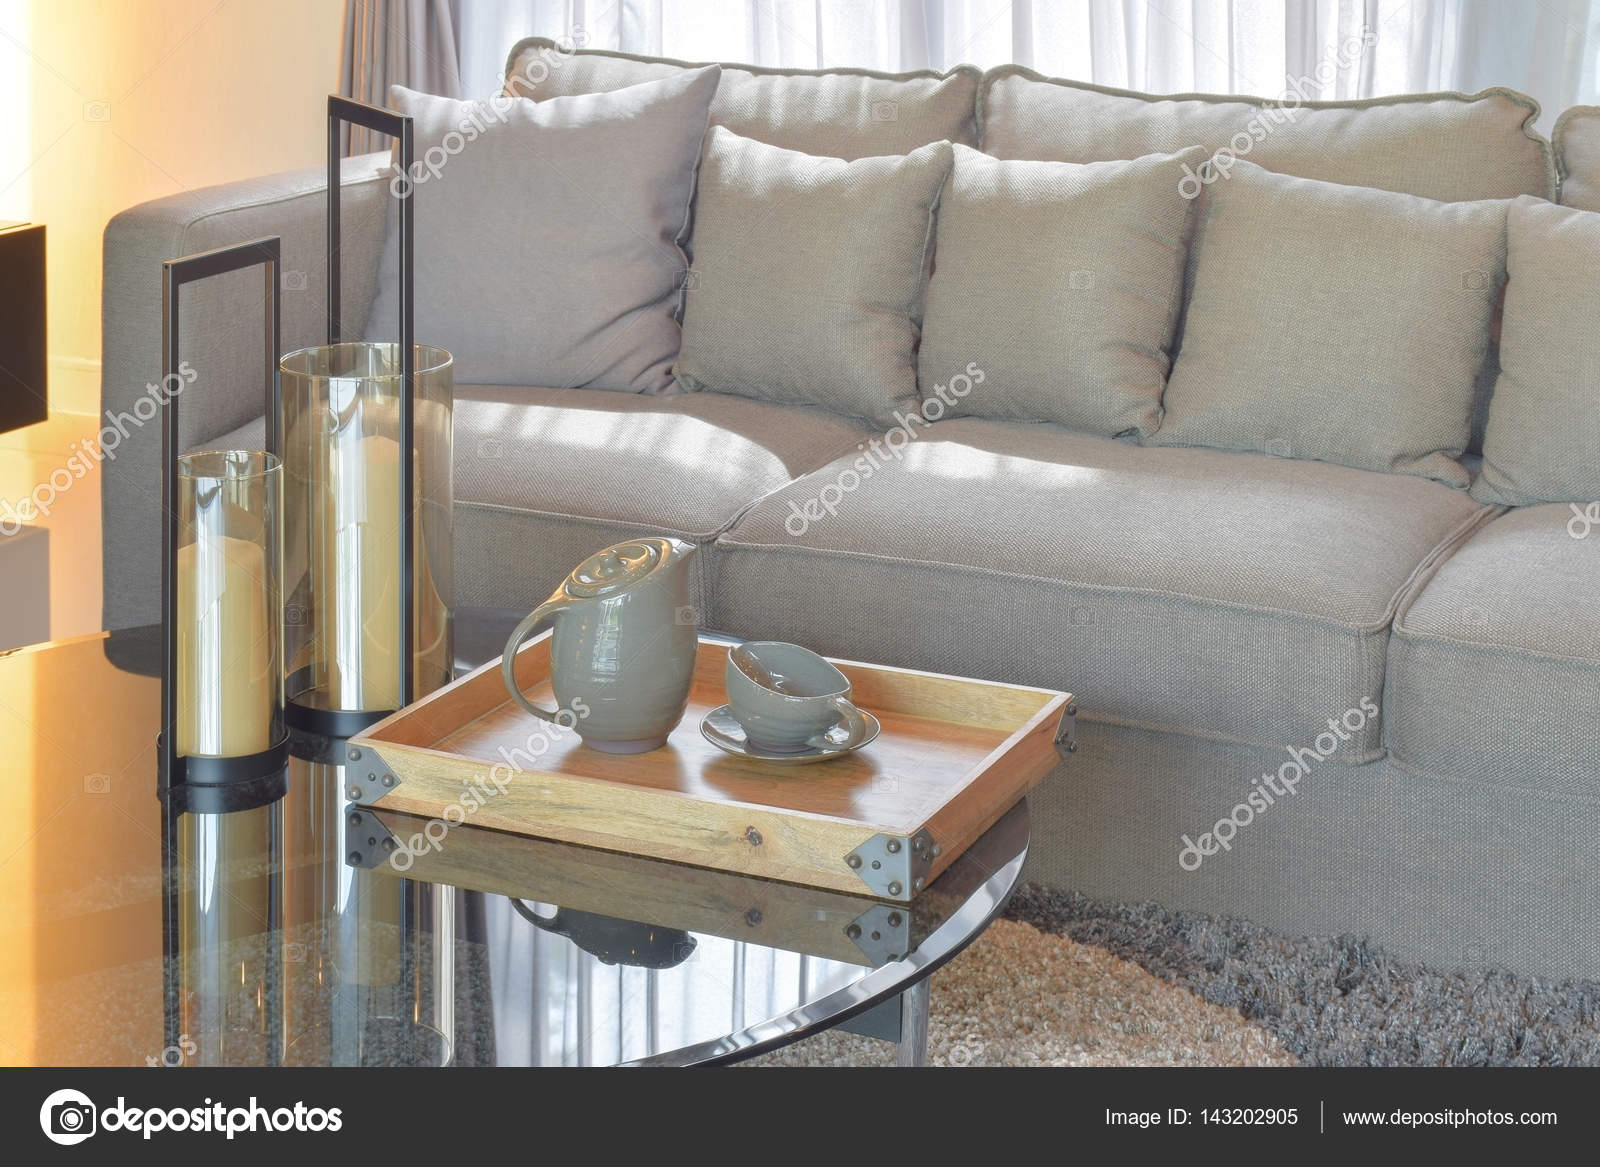 Vassoi In Legno Con Vetro : Vassoio in legno con ceramica set da tè e candele sul tavolo in